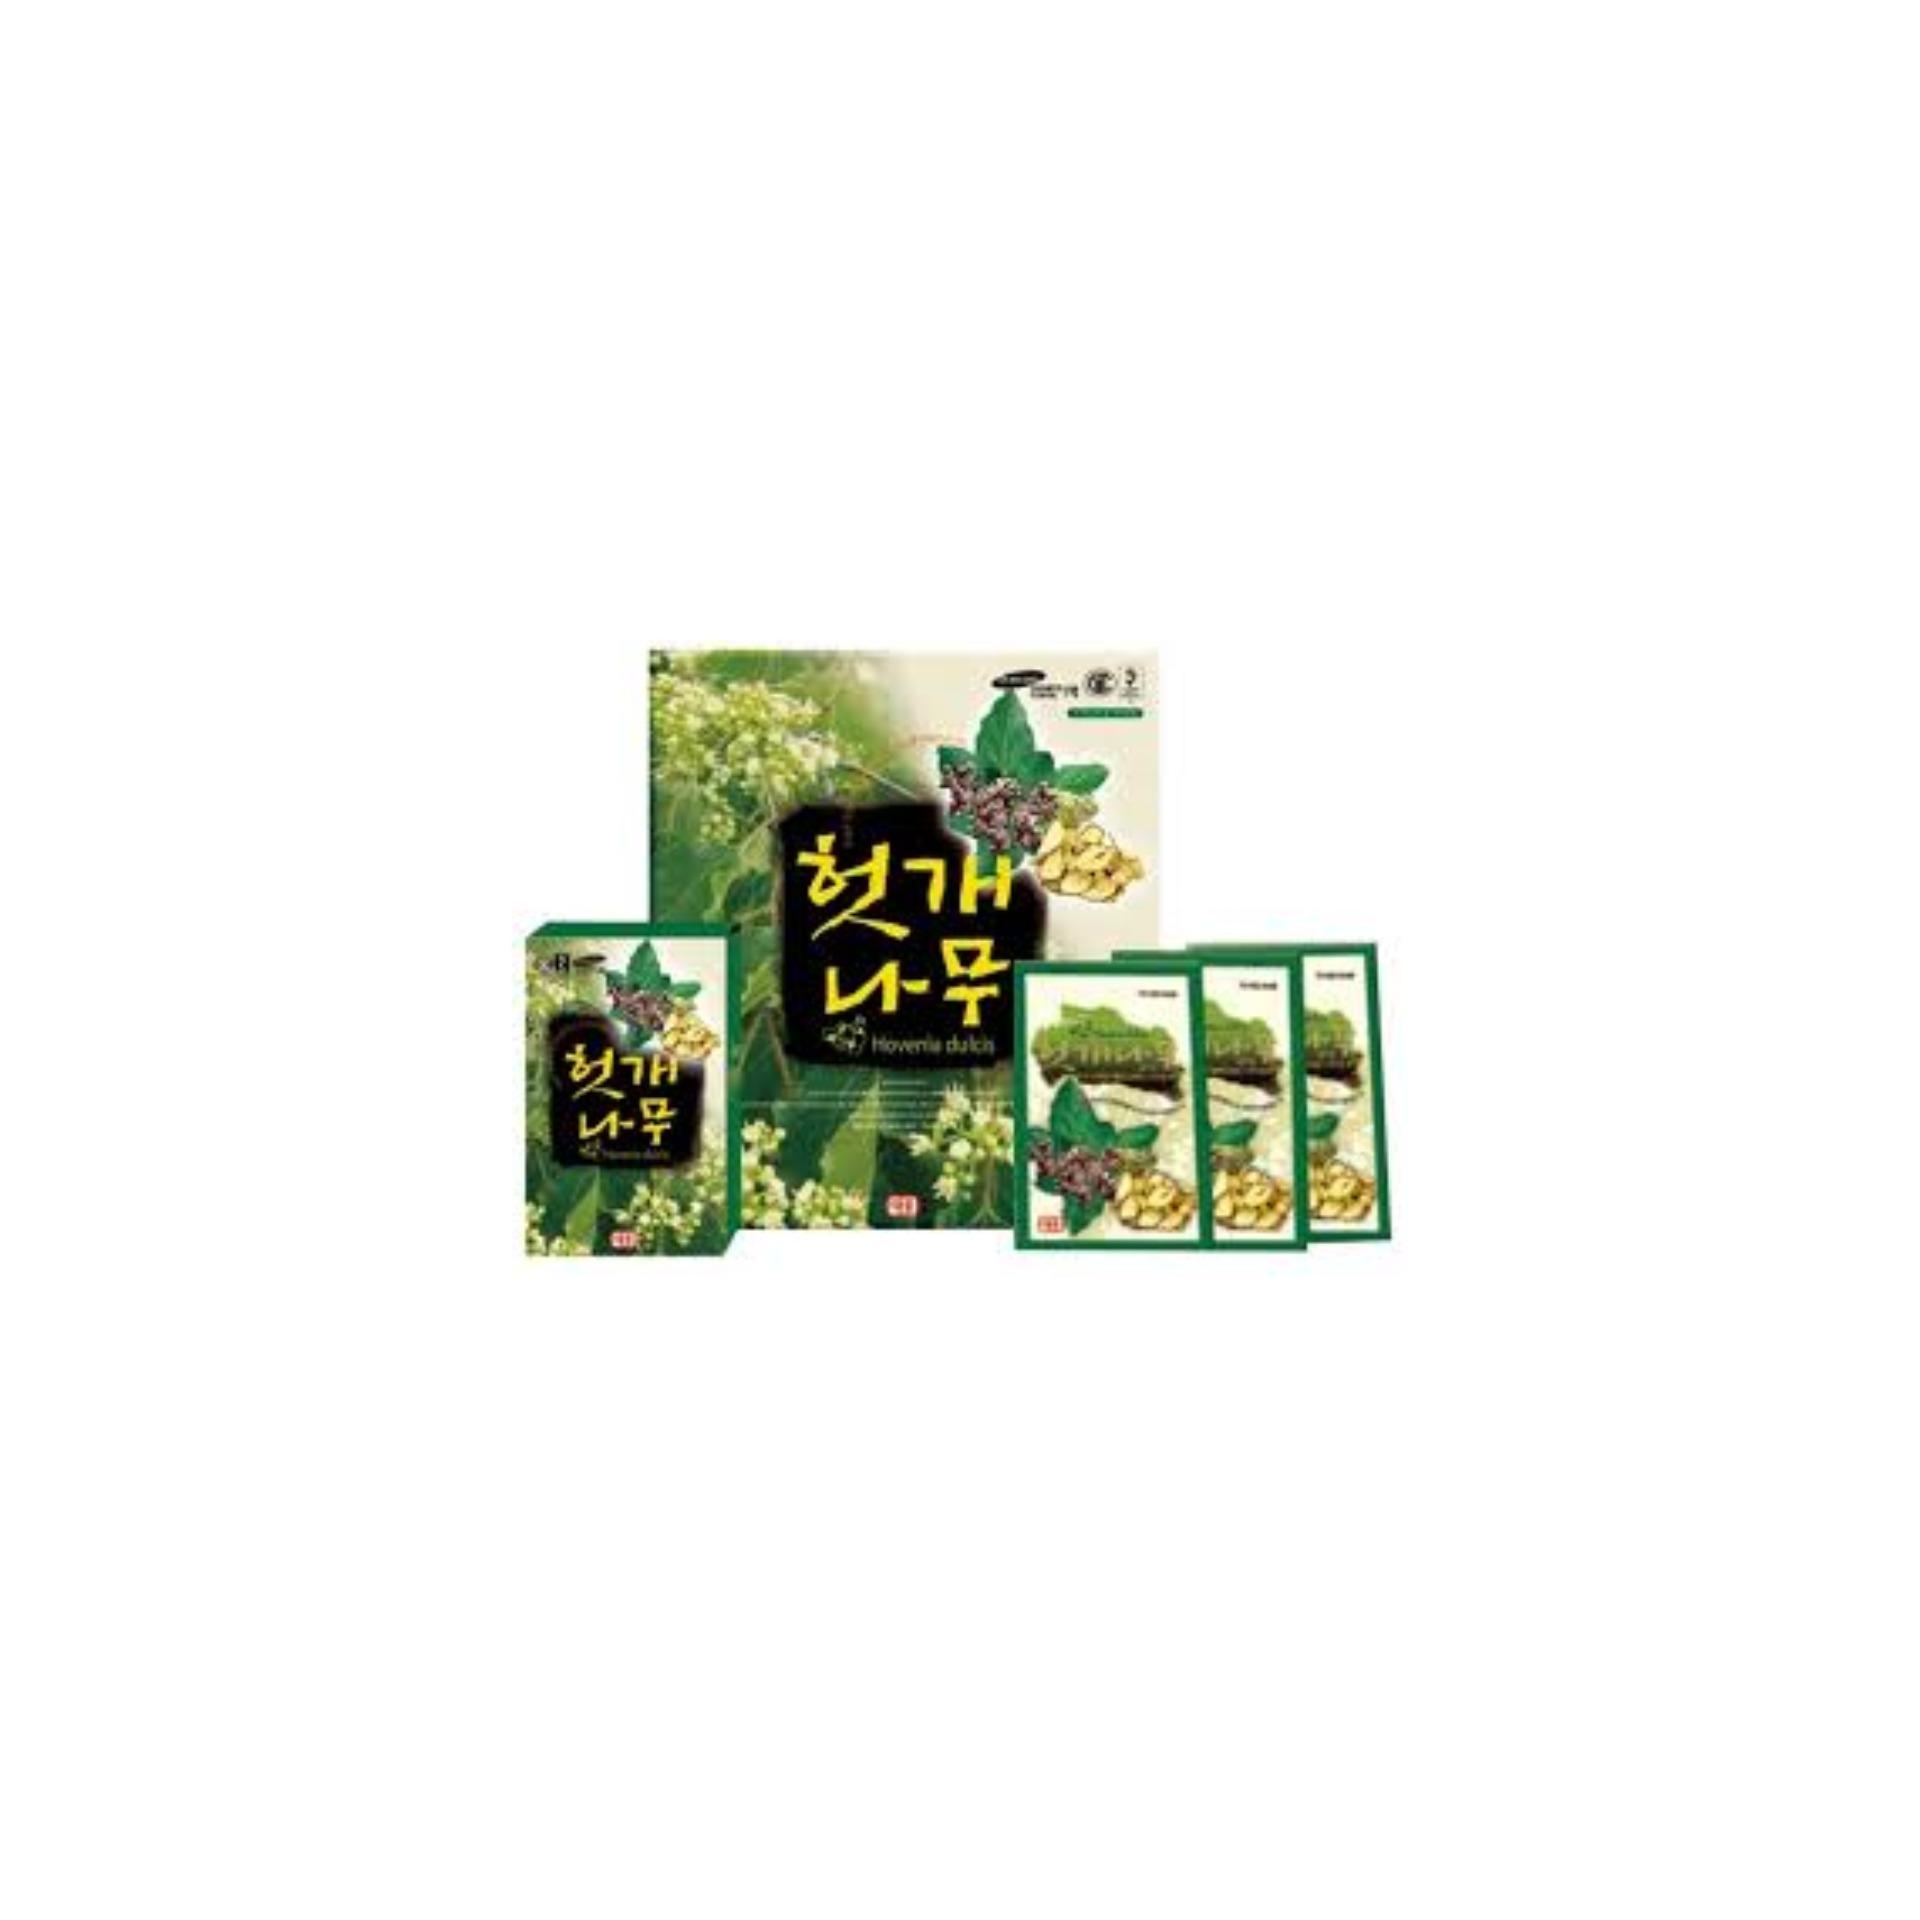 Bộ 3 Hộp Nước uống giải rượu, bổ gan thải độc Hovenia TW Hàn Quốc (Hộp 5 gói x 75ml/gói)